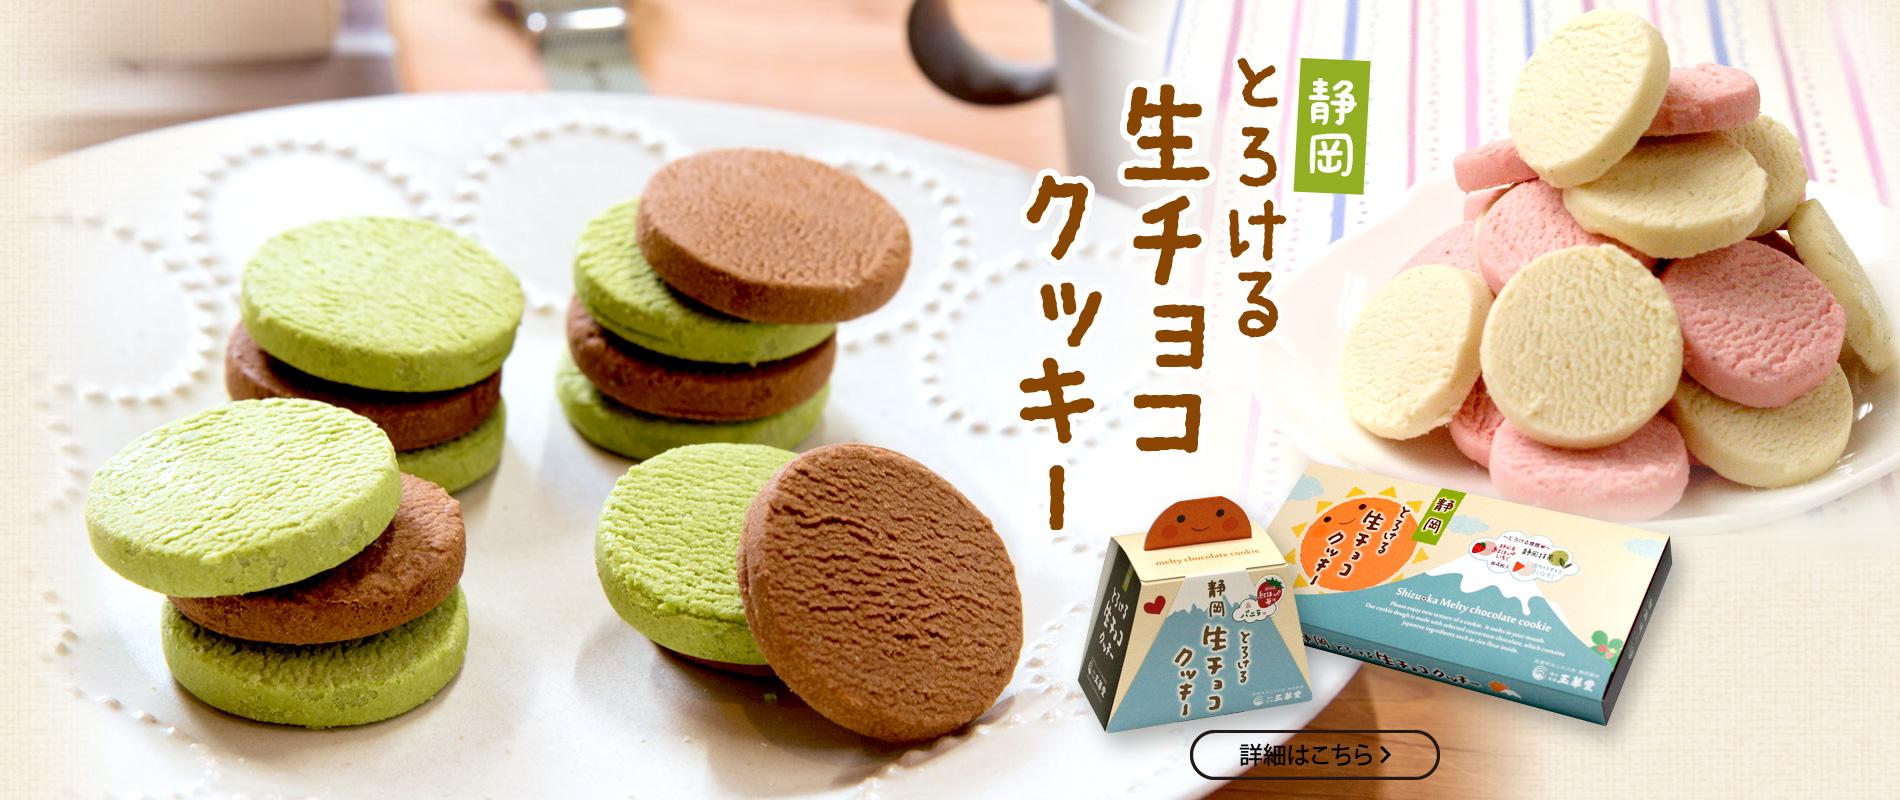 静岡とろける生チョコクッキー